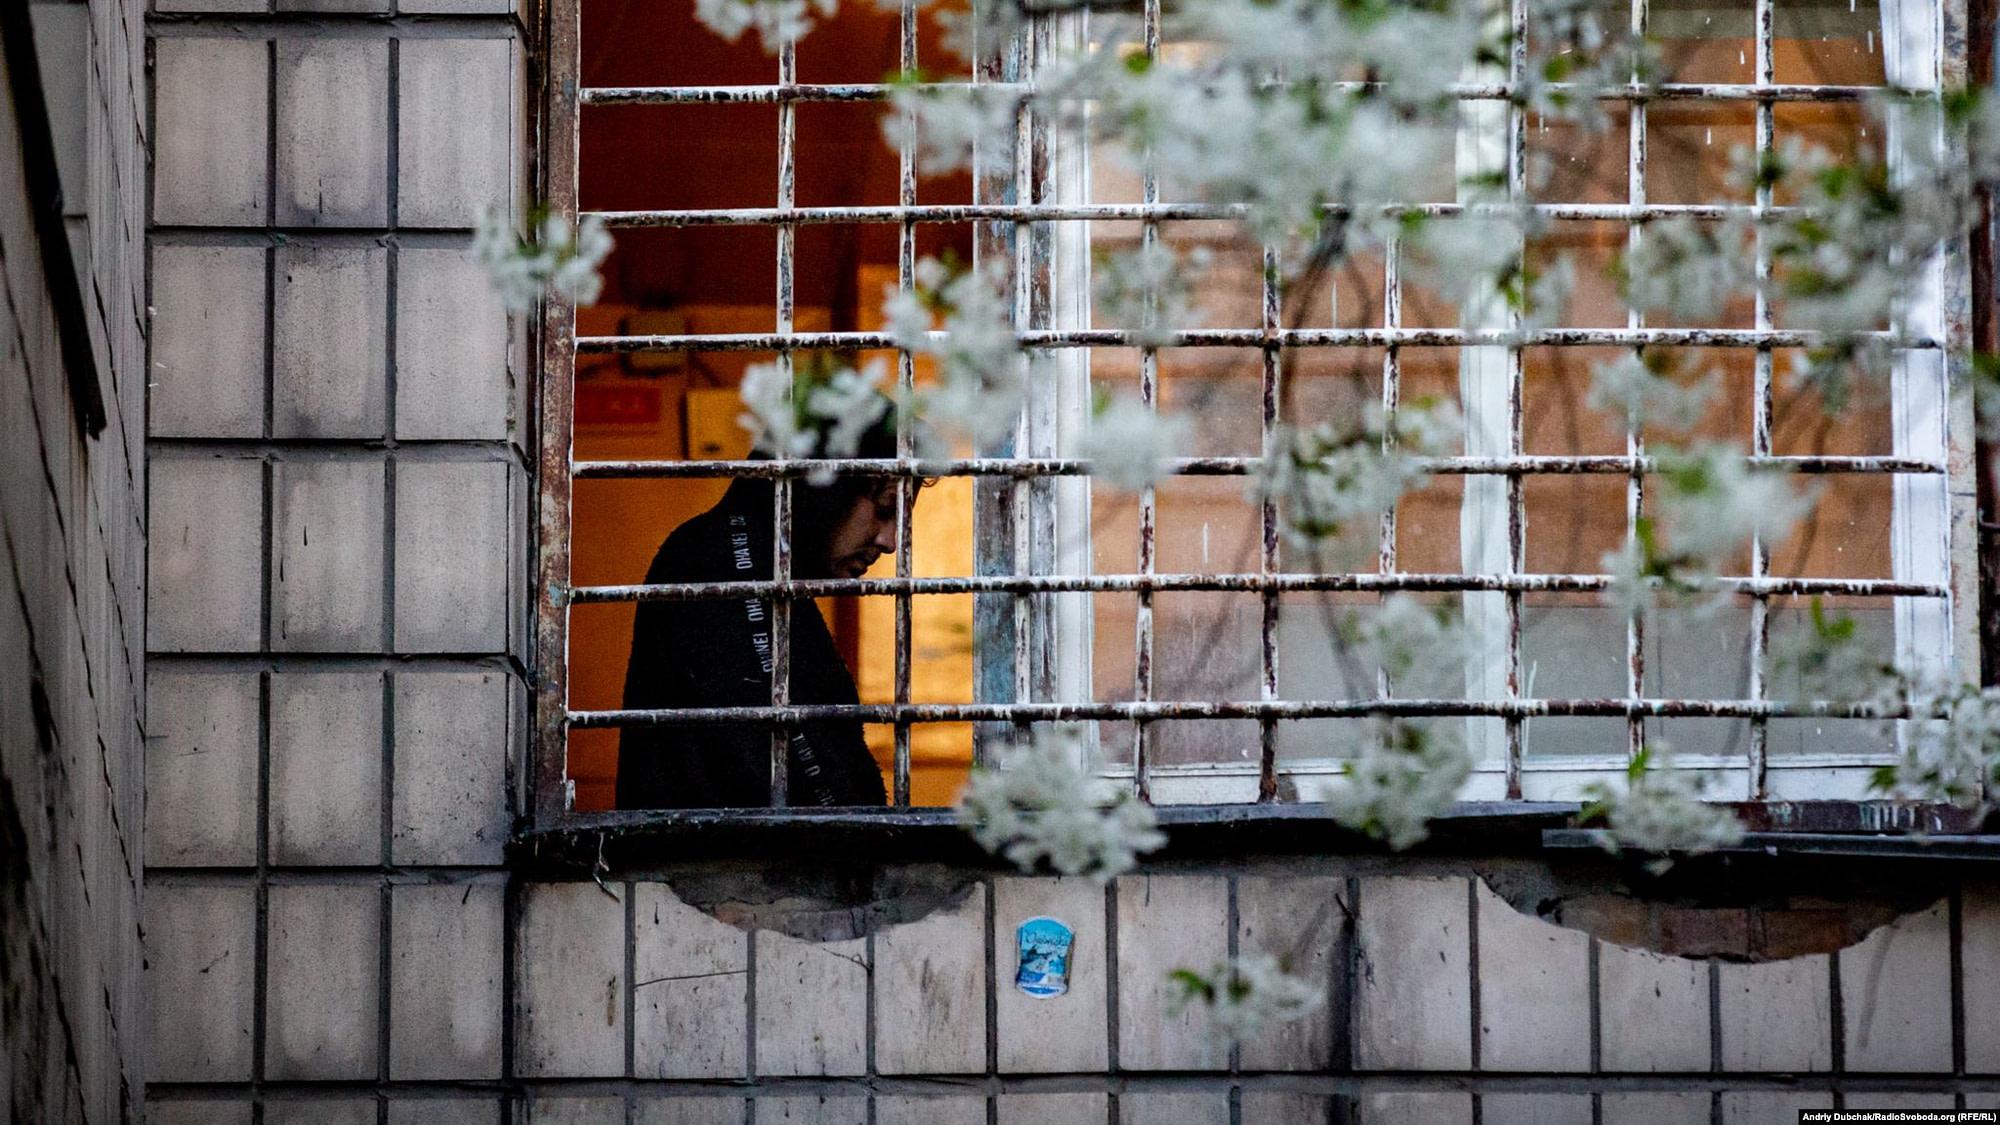 Пацієнт «важкого» відділення у загратованому вікні Київської міської психіатричної лікарні № 1 імені Павлова Photo: Andriy Dubchak